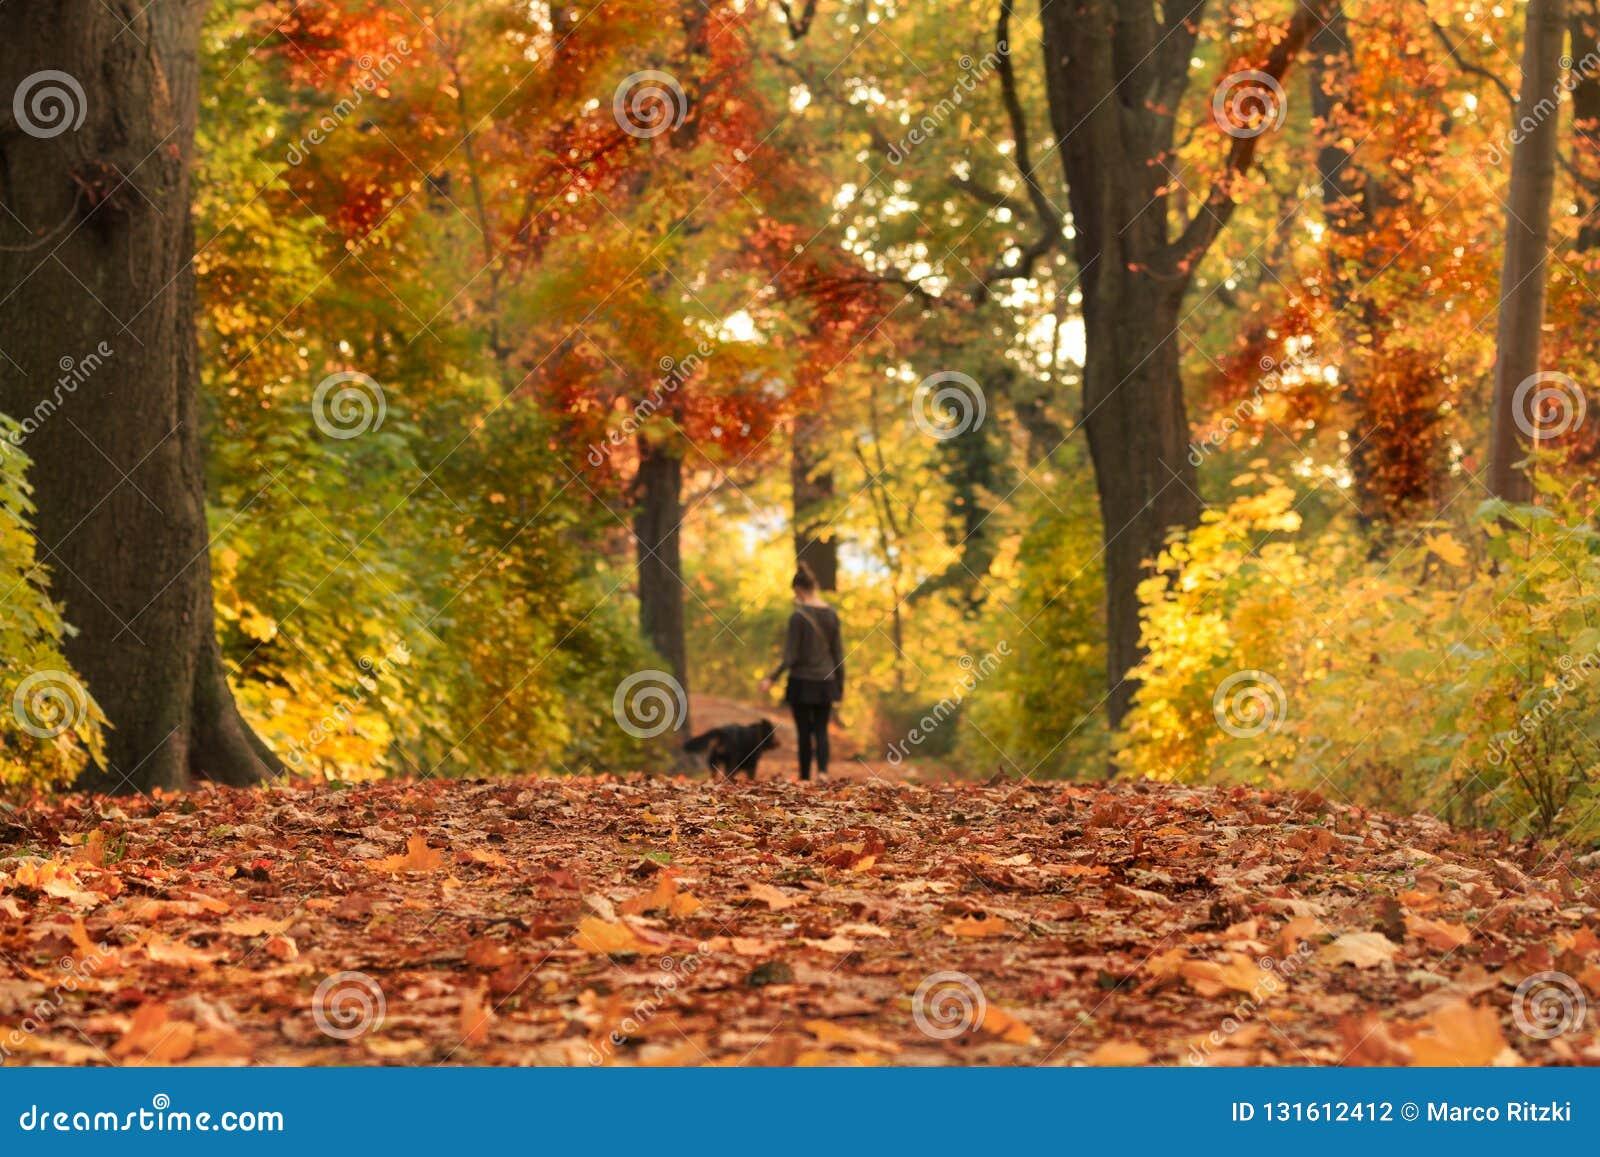 De herfstweg met gekleurde bladeren